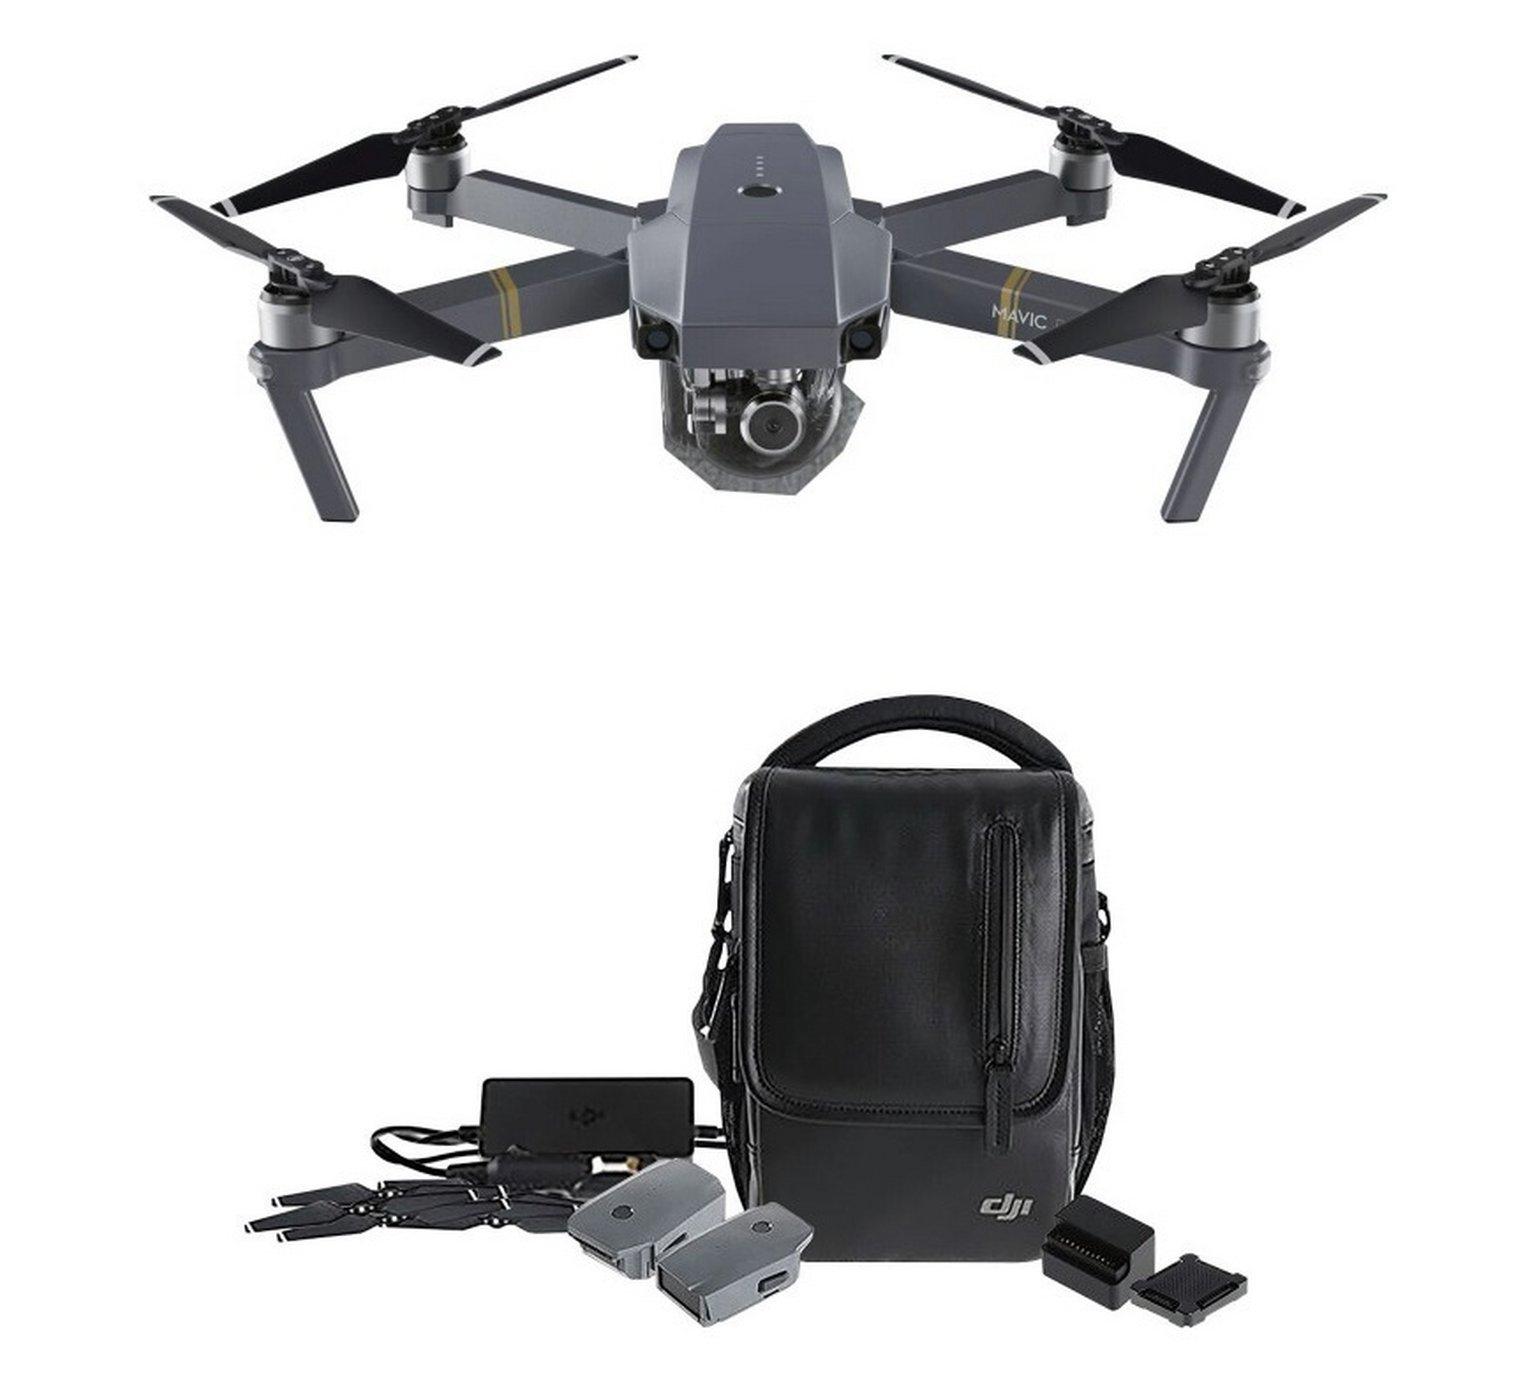 DJI Mavic Pro 4K Quadcopter Drone Fly More Combo + Free Extra Battery @ Argos - £1099.99